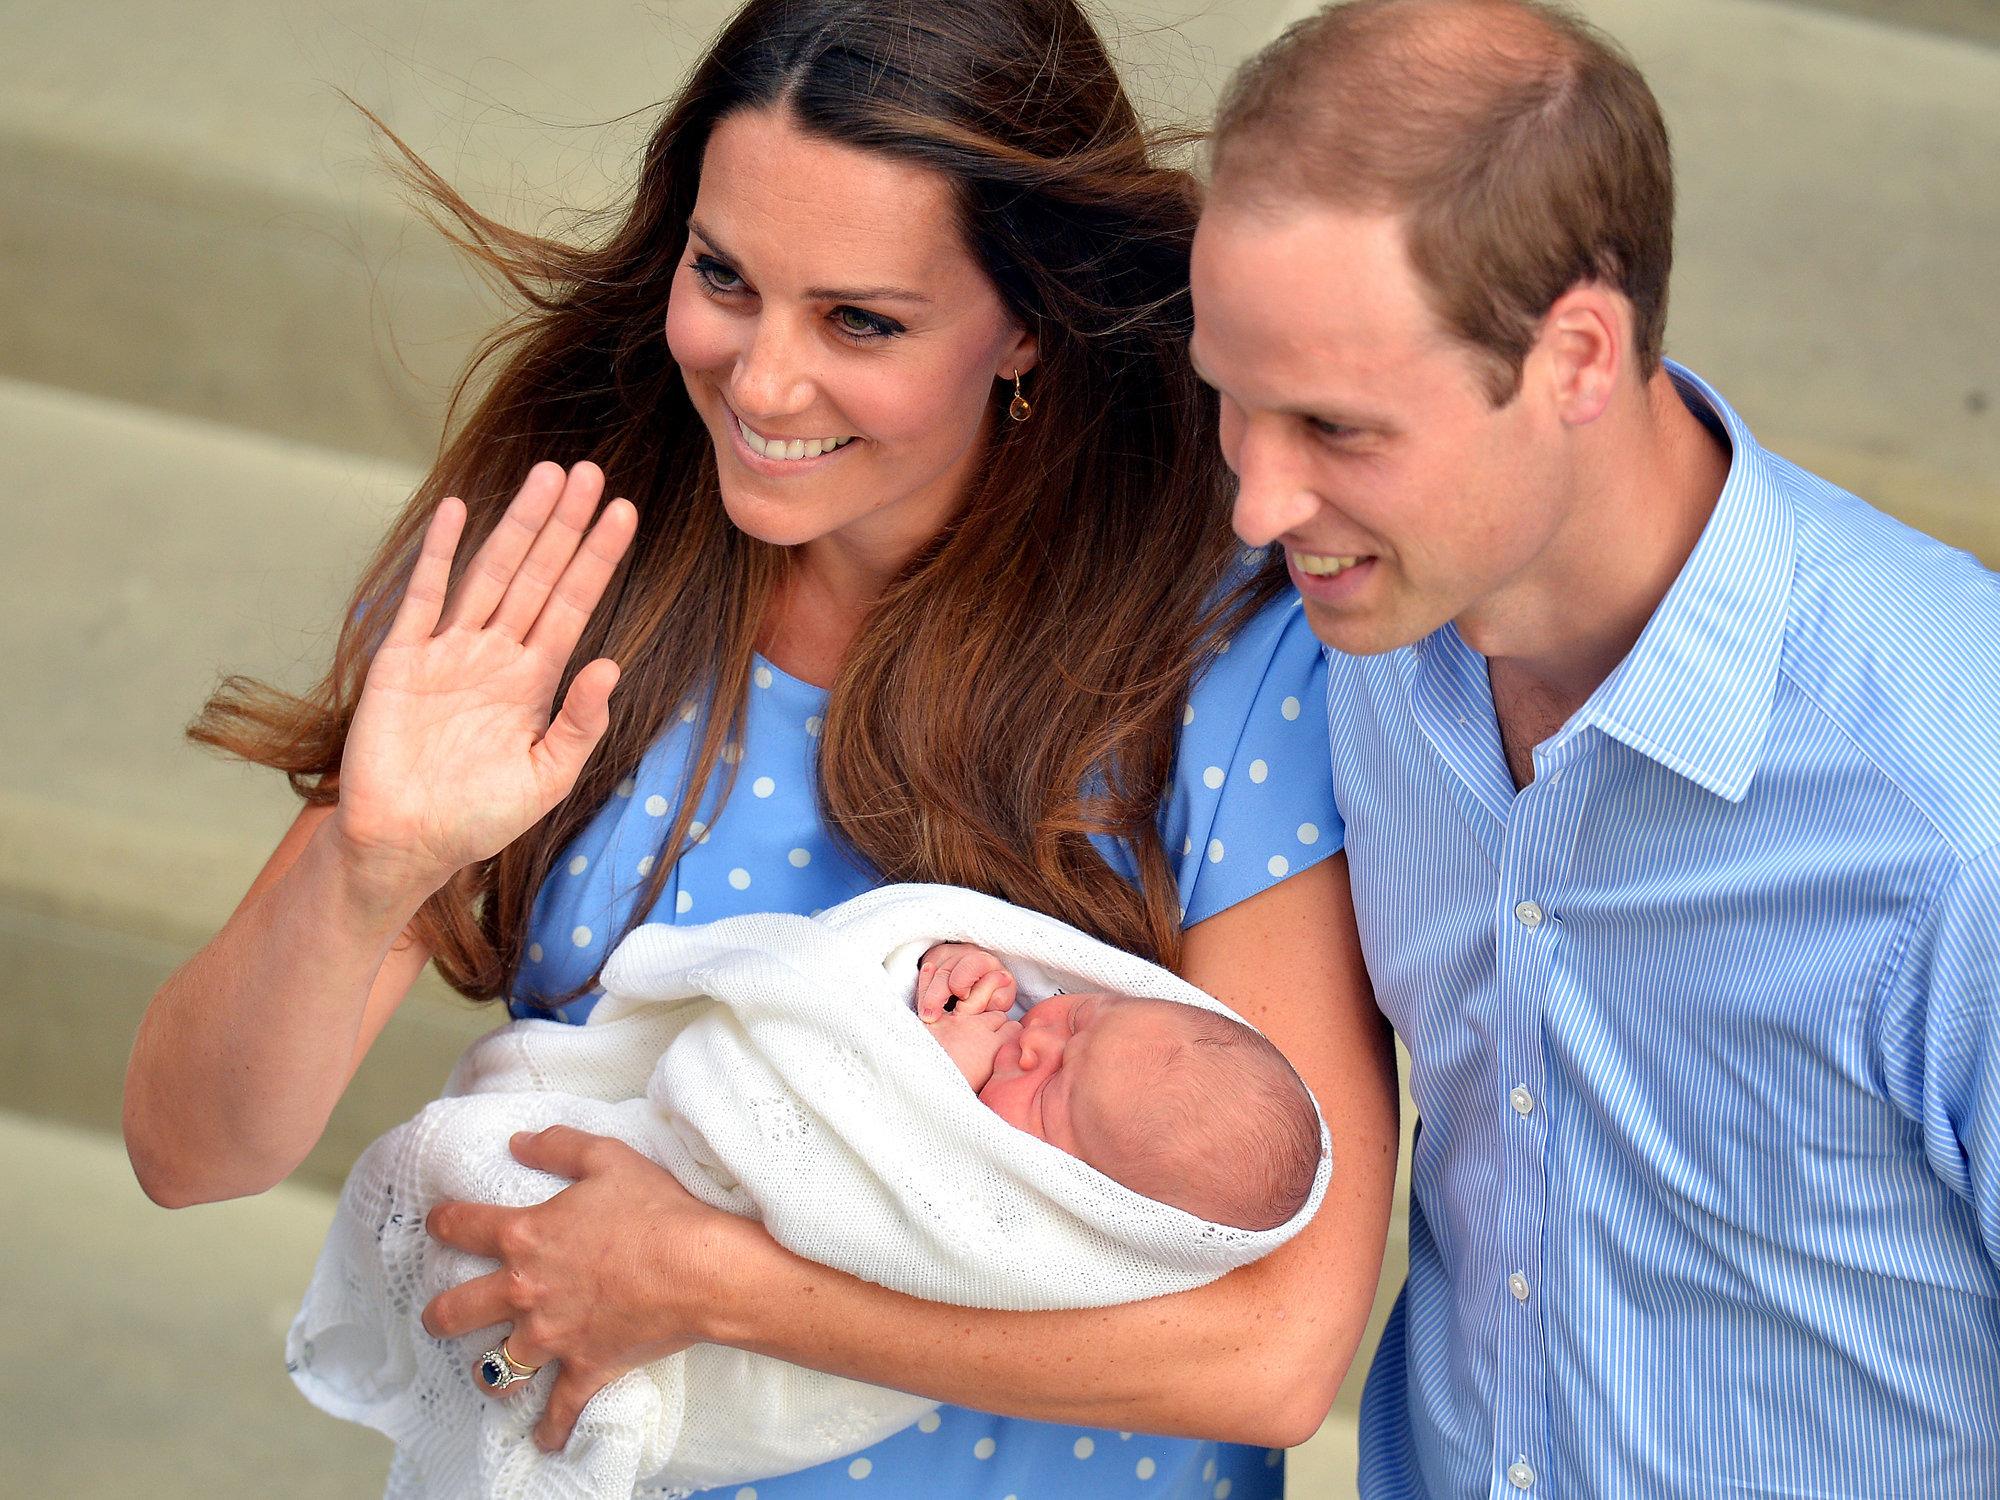 Photo of Герцогиня Кембриджская родила девочку Герцогиня Кембриджская родила девочку Герцогиня Кембриджская родила девочку 1062199991